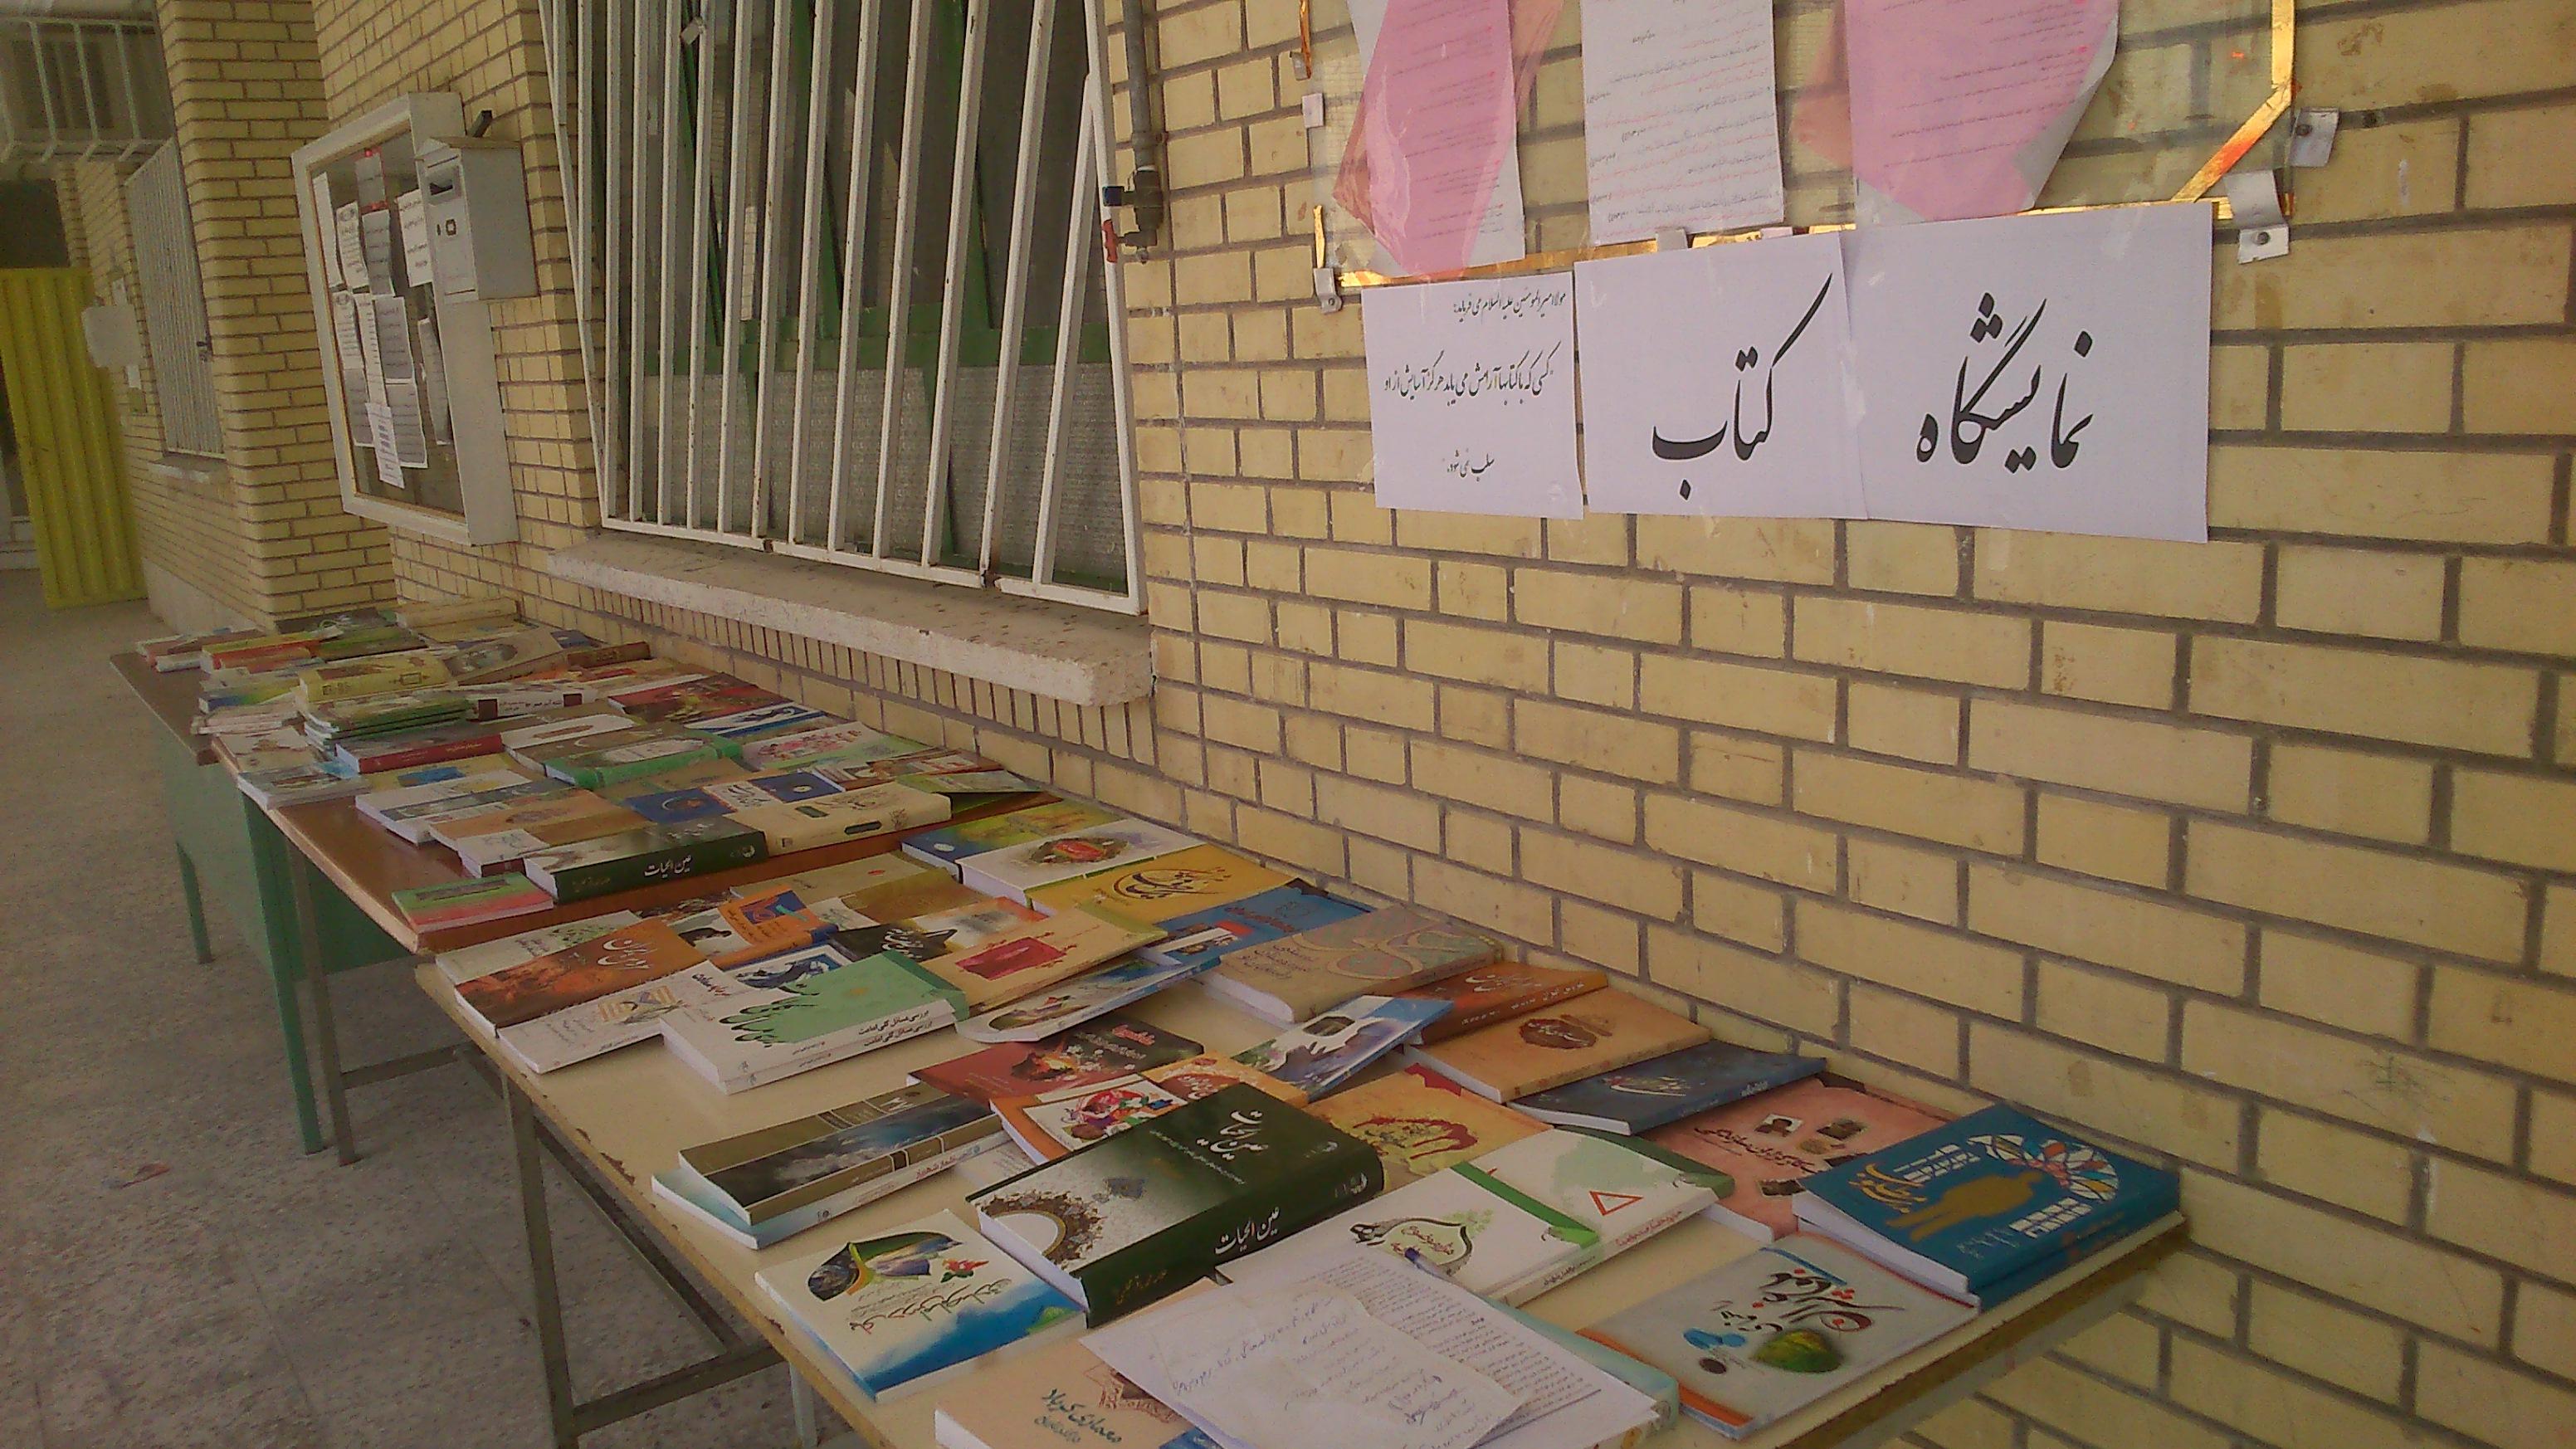 برگزاری نمایشکاه کتاب و بازدیداز کتابخانه شهر